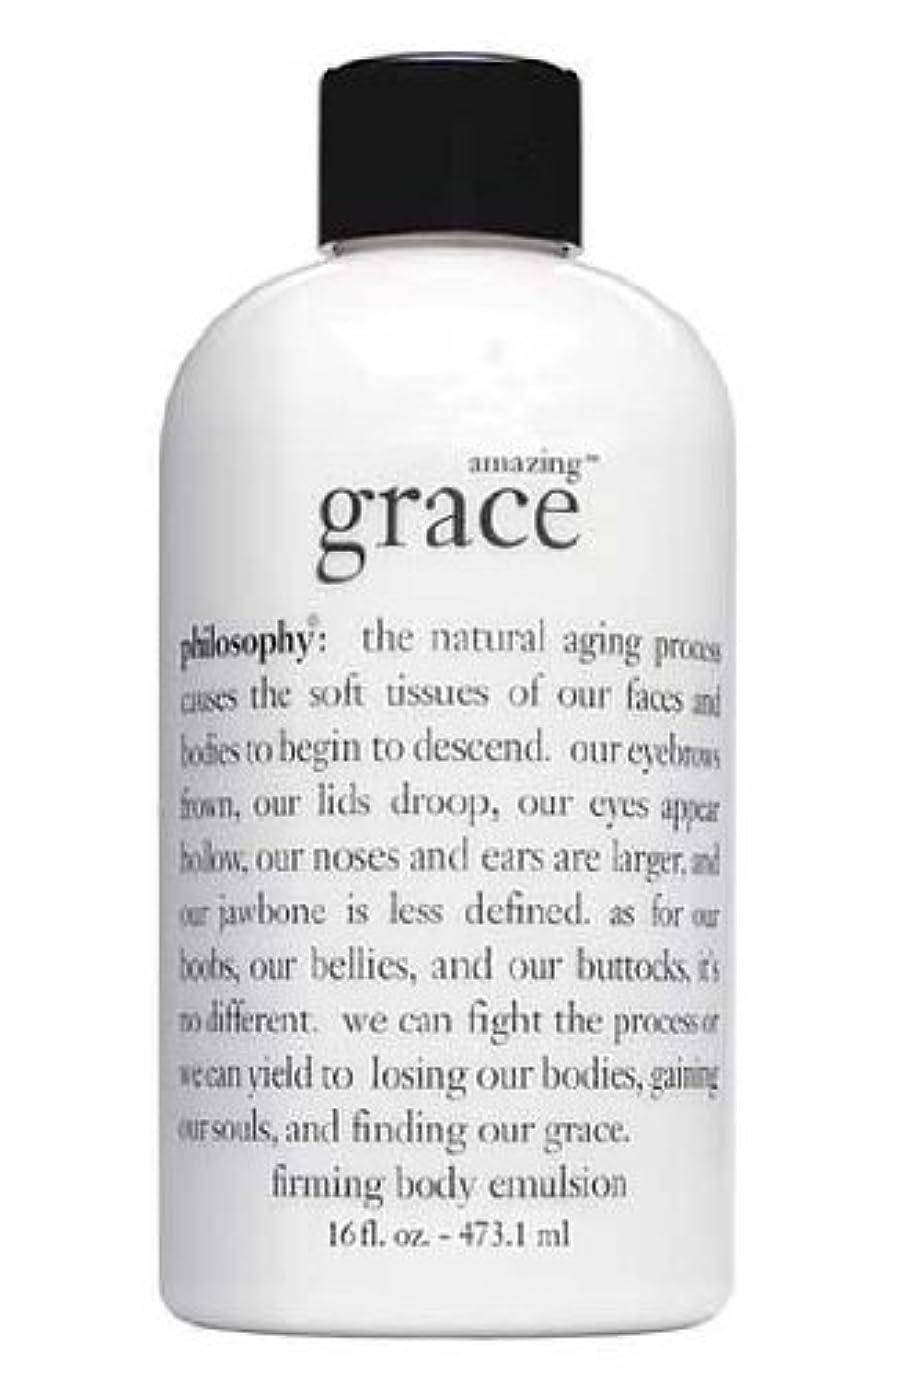 ブランドタクトバンケットamazing grace perfumed firming body emulsion (アメイジング グレイス ボディーエミュルージョン) 16.0 oz (480ml) for Women